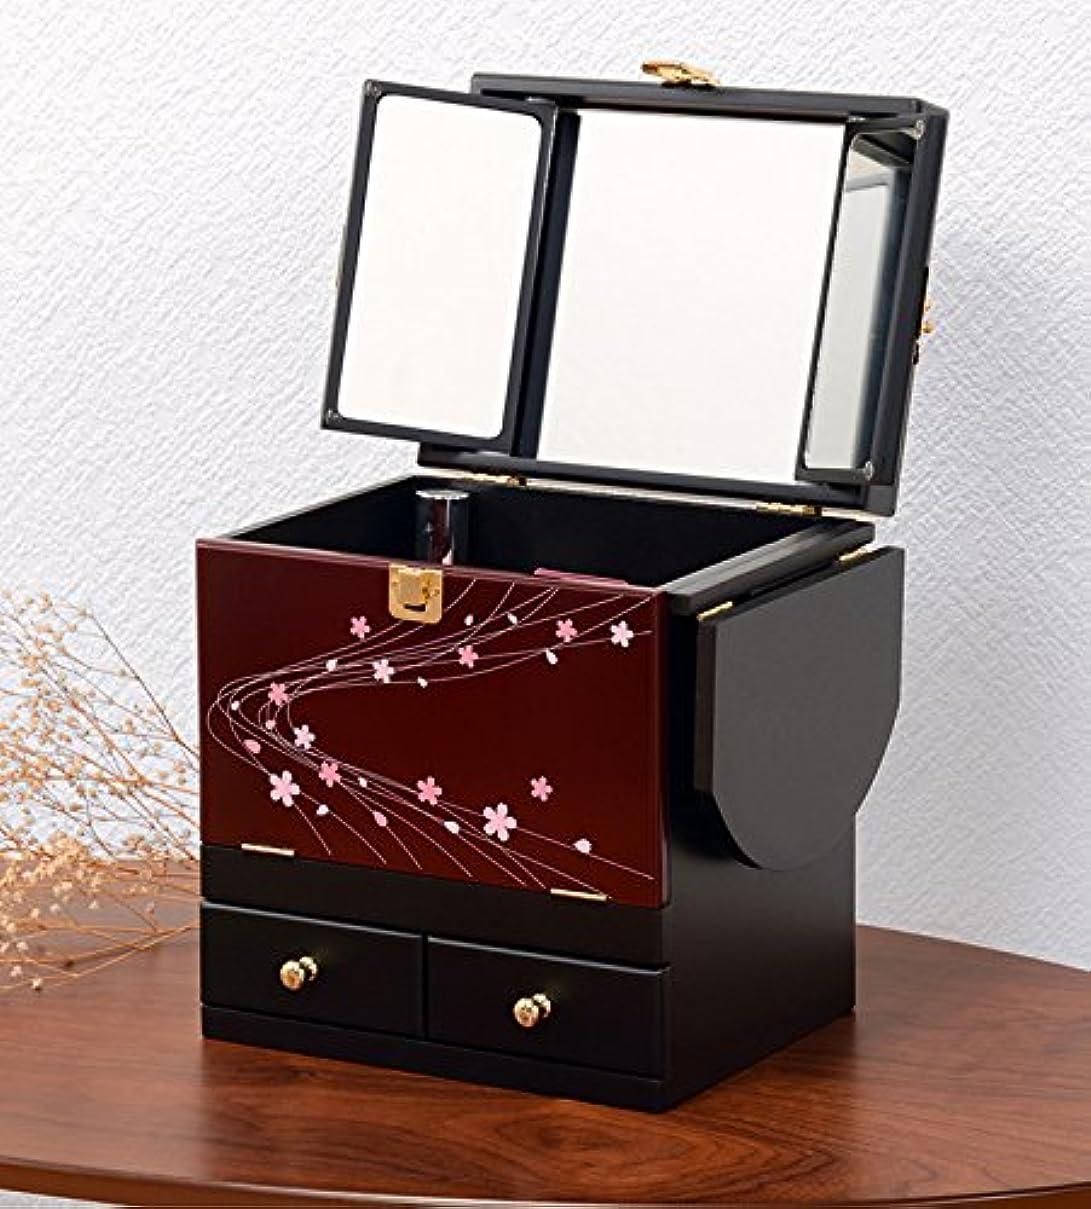 非公式墓セットアップコスメボックス 化粧ボックス ジュエリーボックス コスメ収納 収納ボックス 化粧台 3面鏡 和風 完成品 折りたたみ式 軽量 えんじ